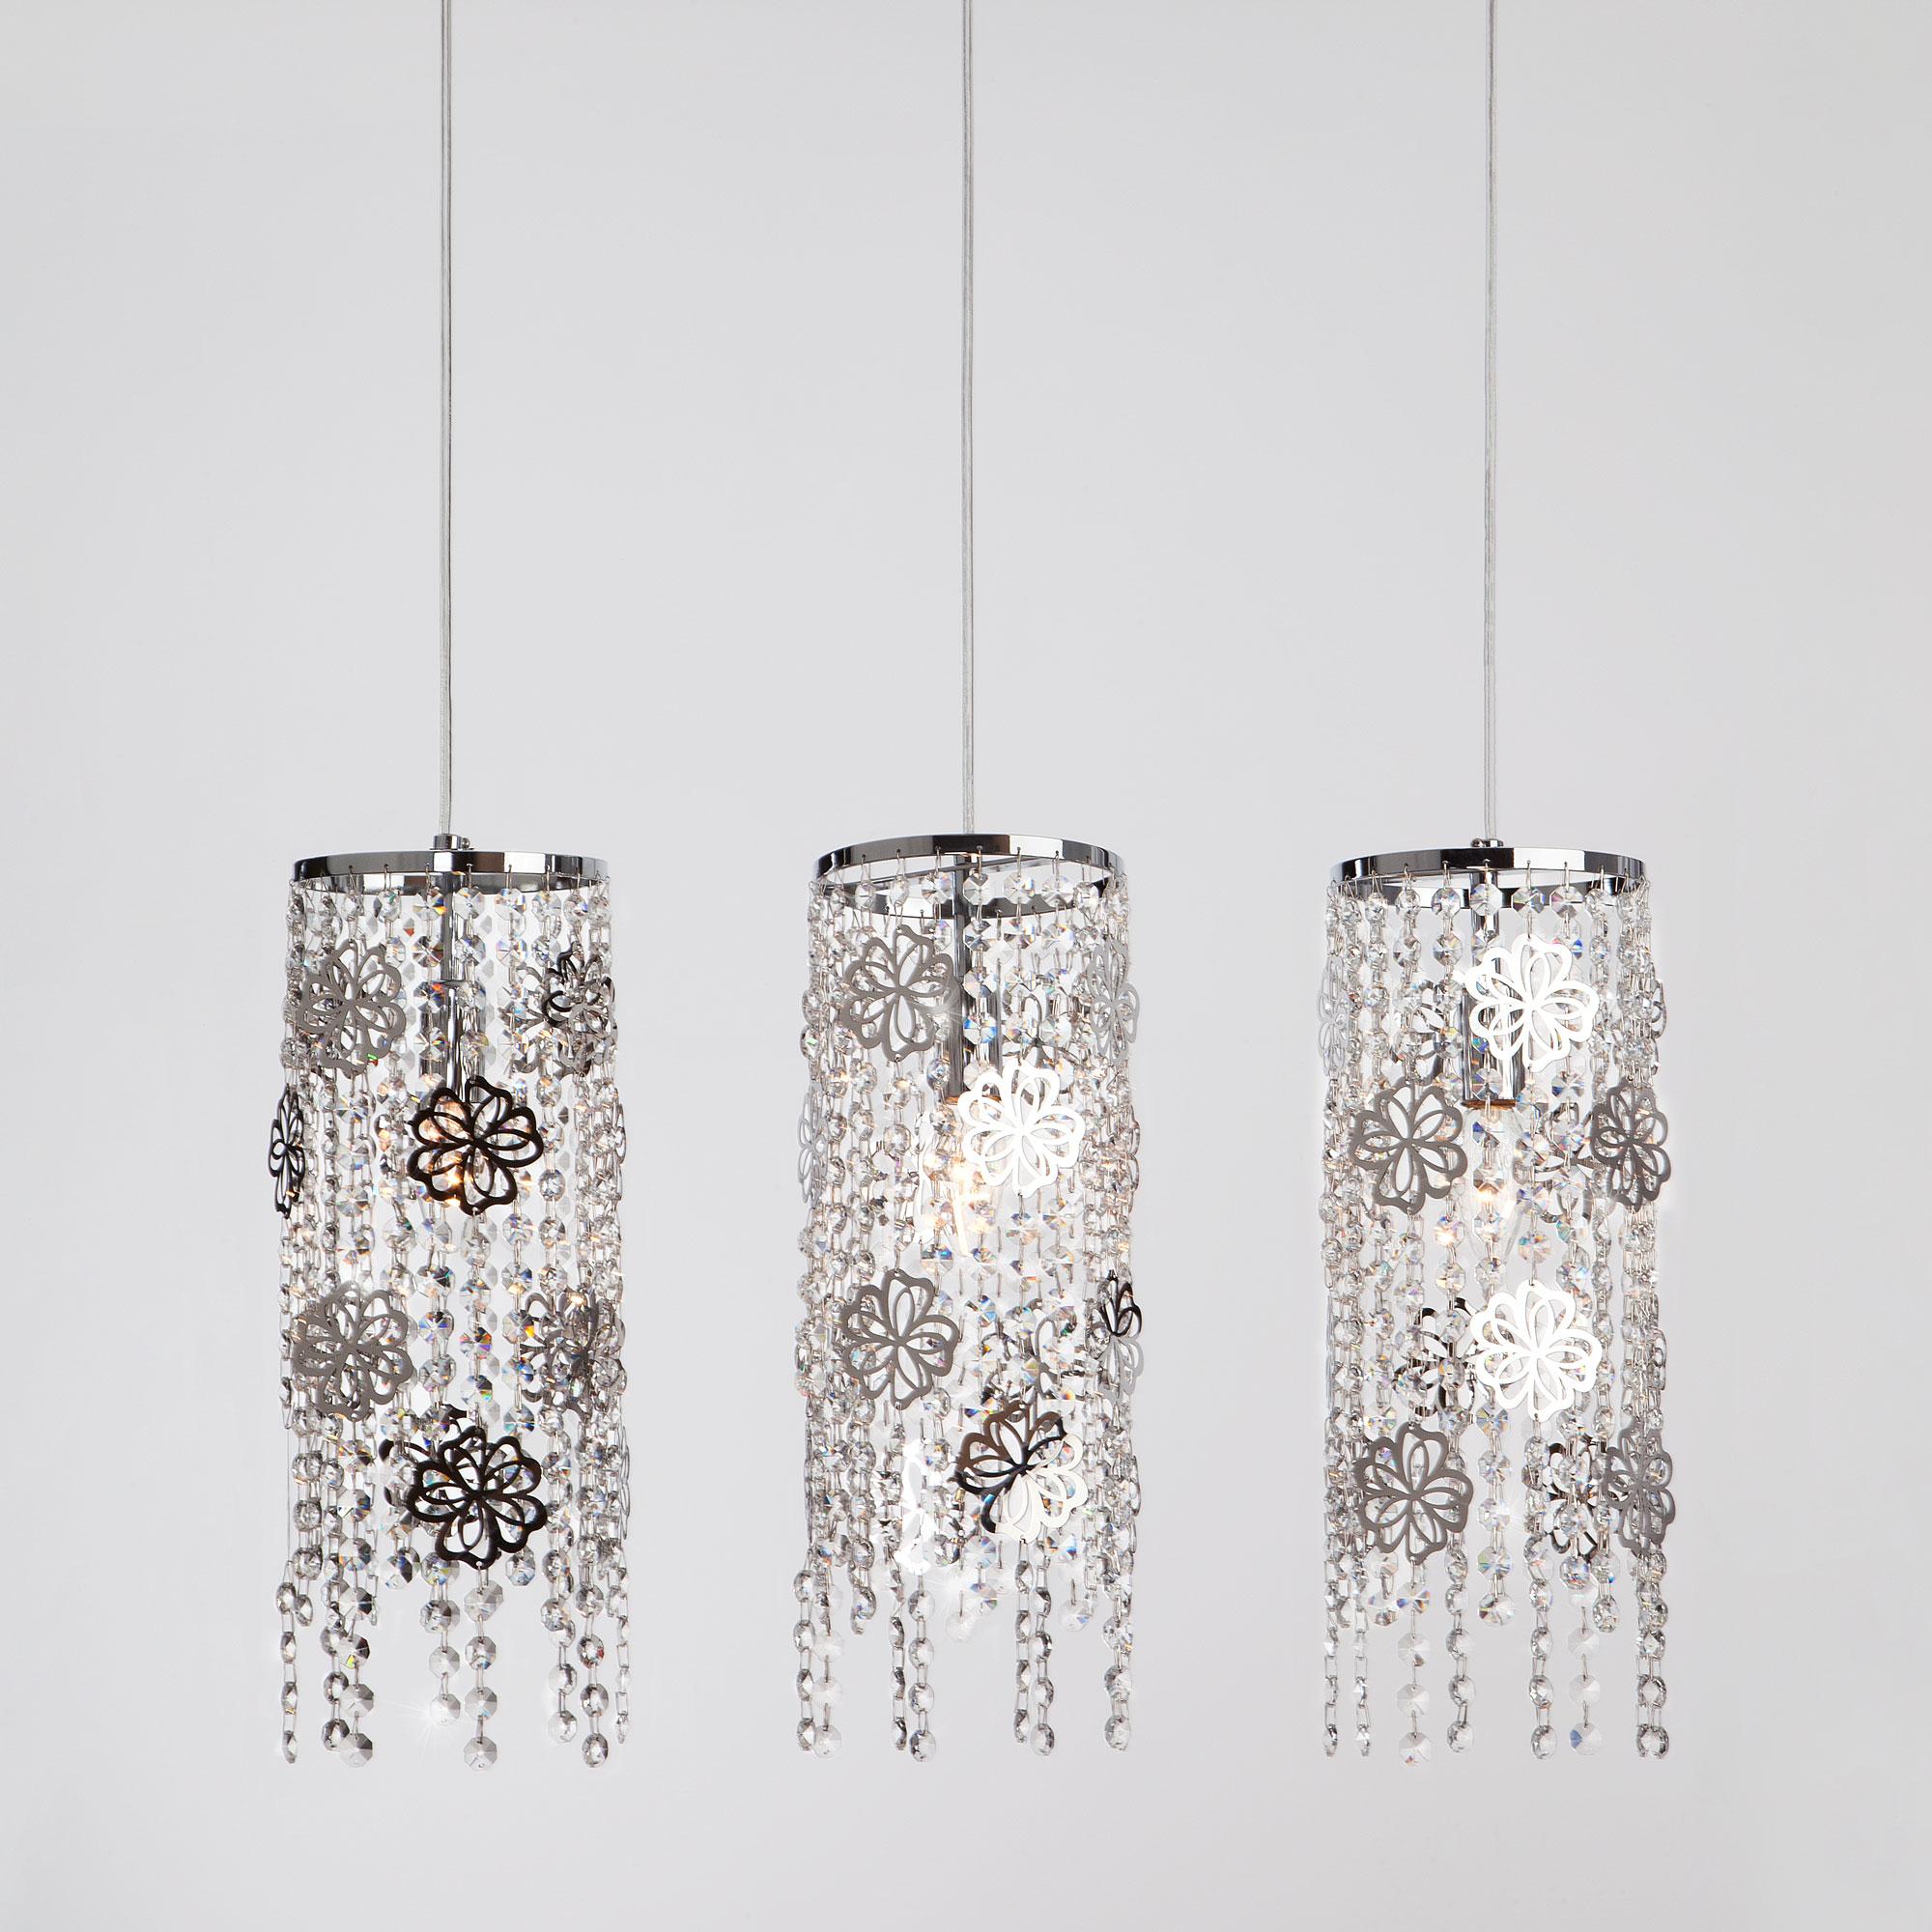 Подвесной светильник с хрусталем 10083/3 хром / прозрачный хрусталь ЕВРОСВЕТ фото